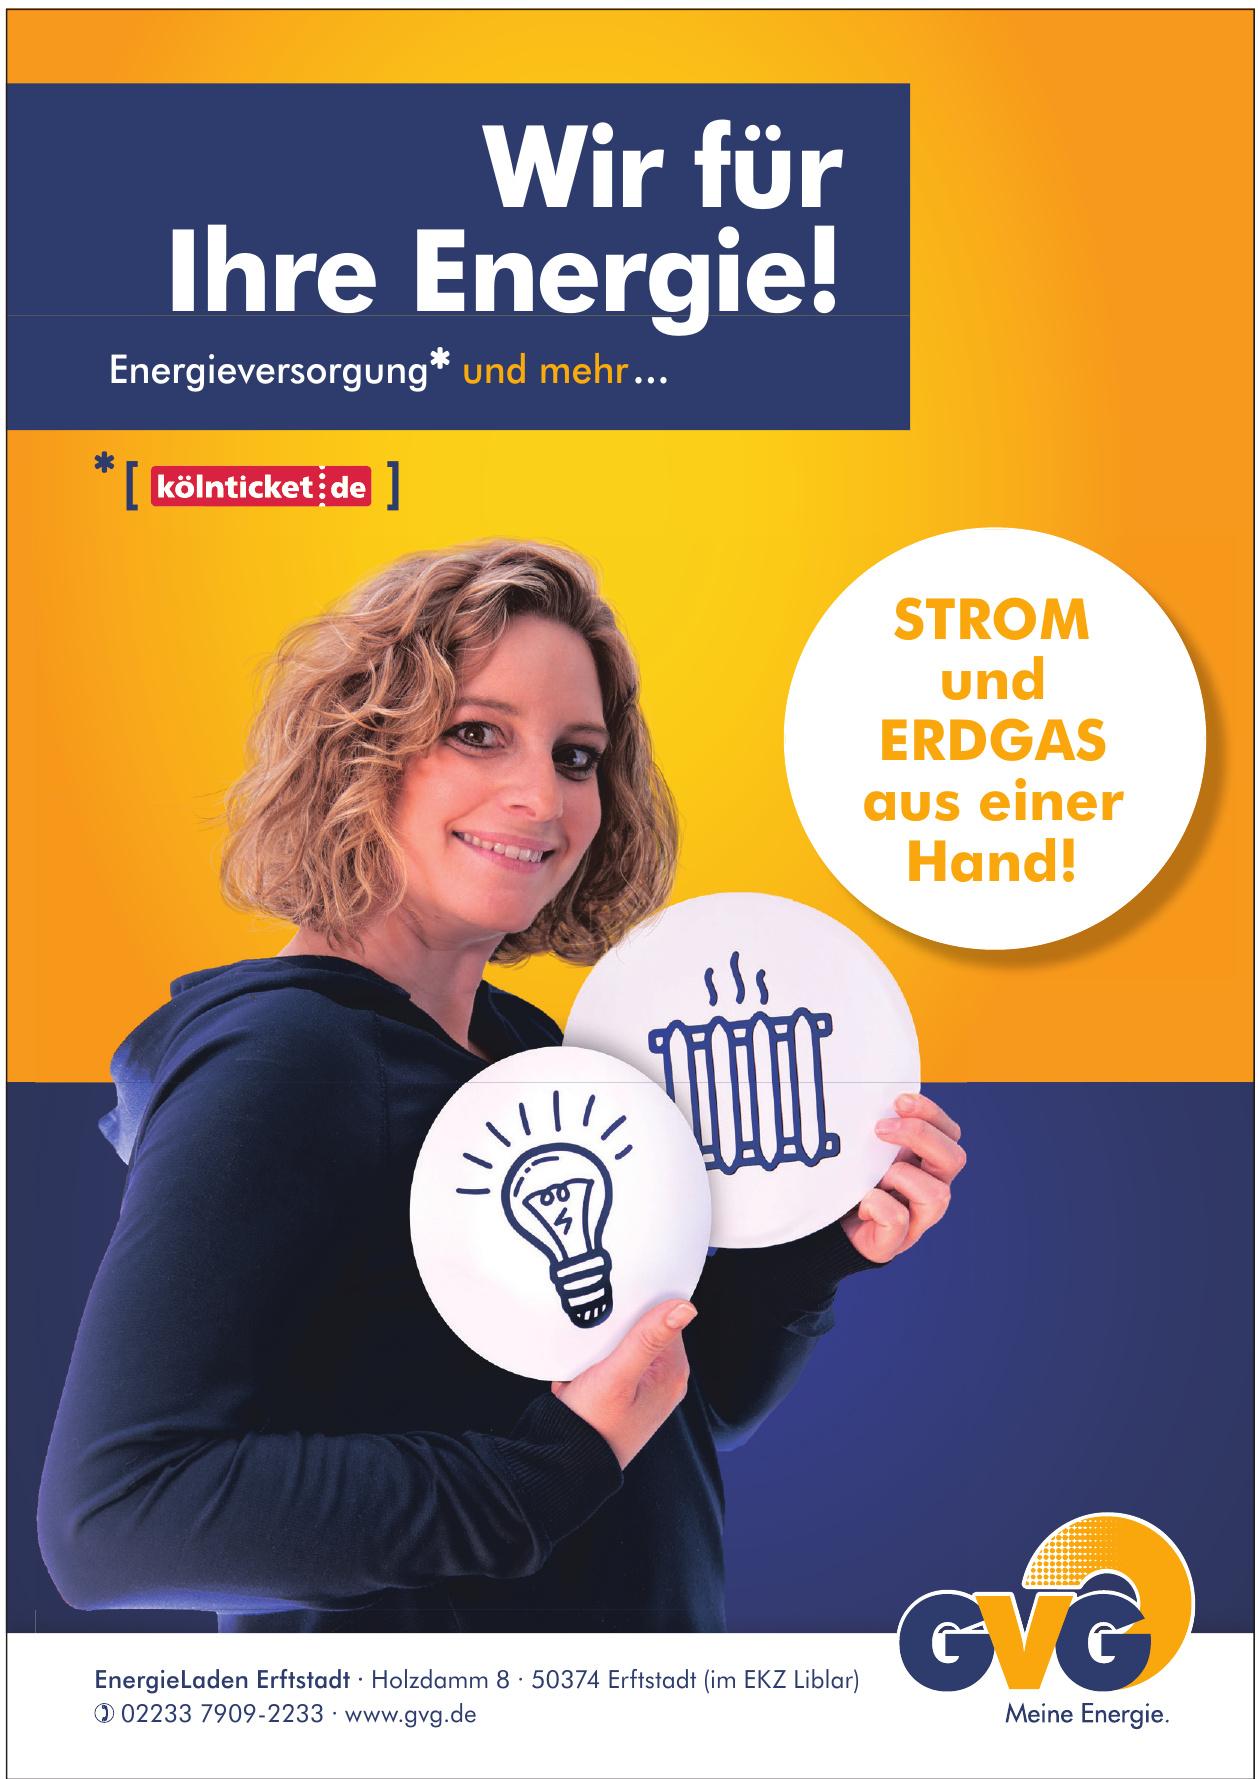 GVG EnergieLaden Erftstadt